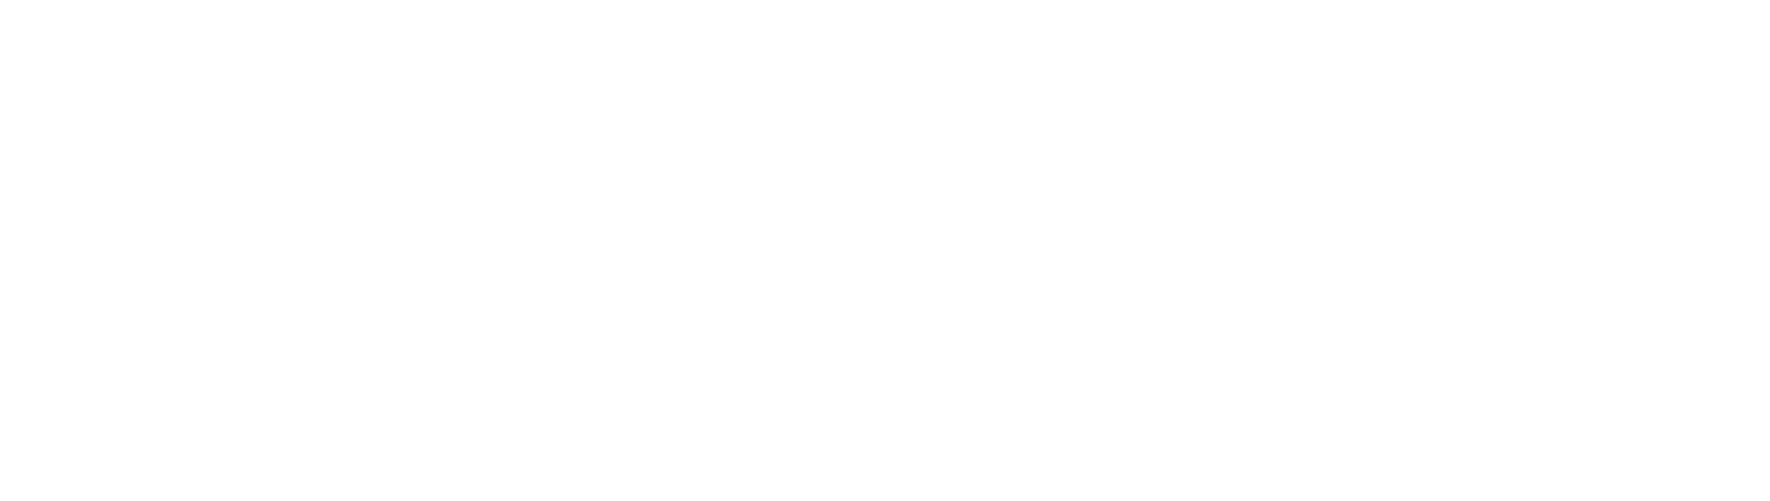 farma blanco-05